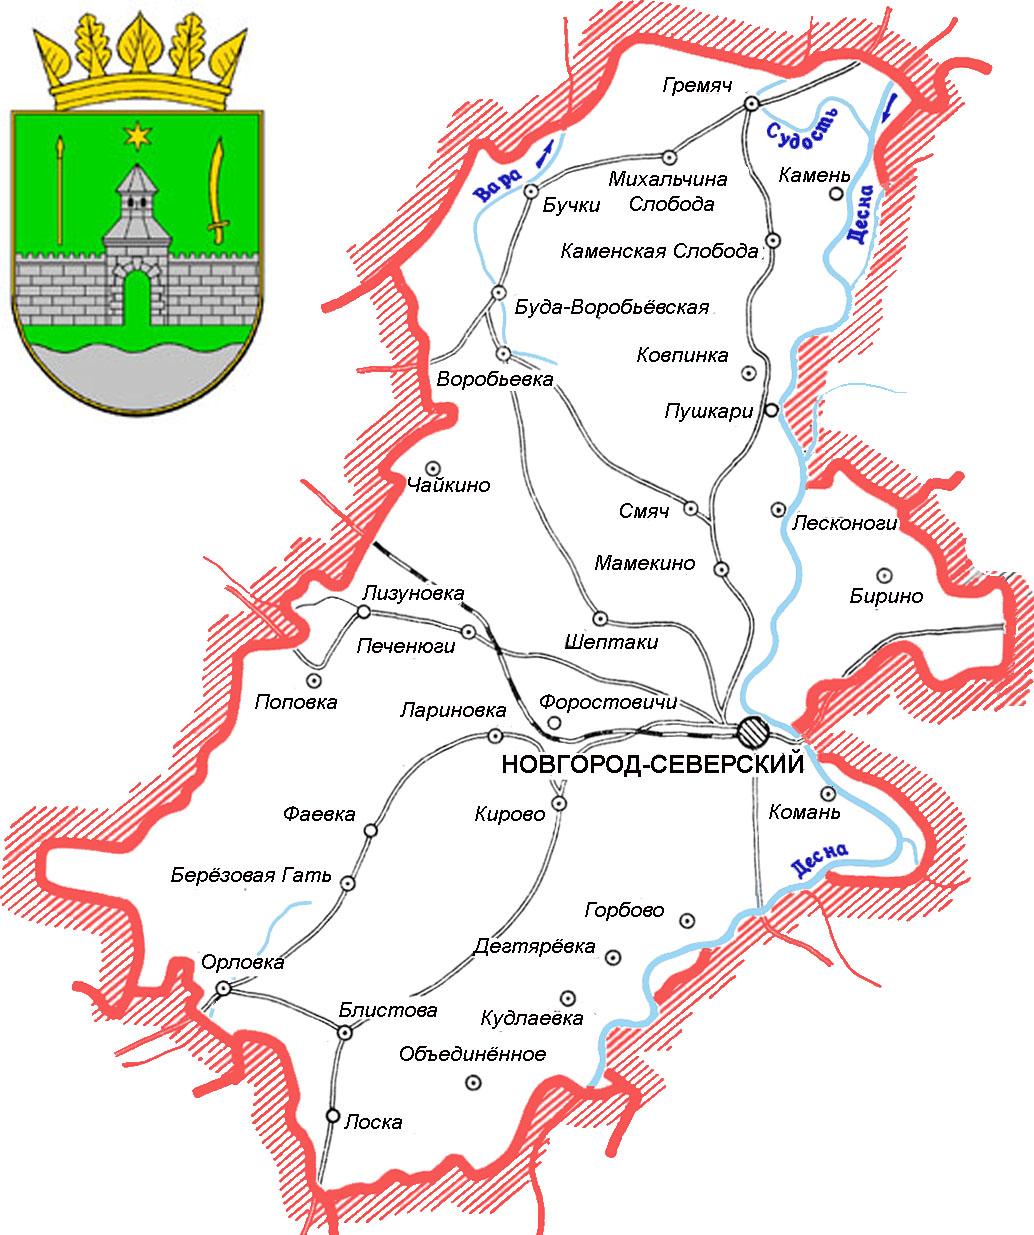 Карта схема Новгород-Северского района